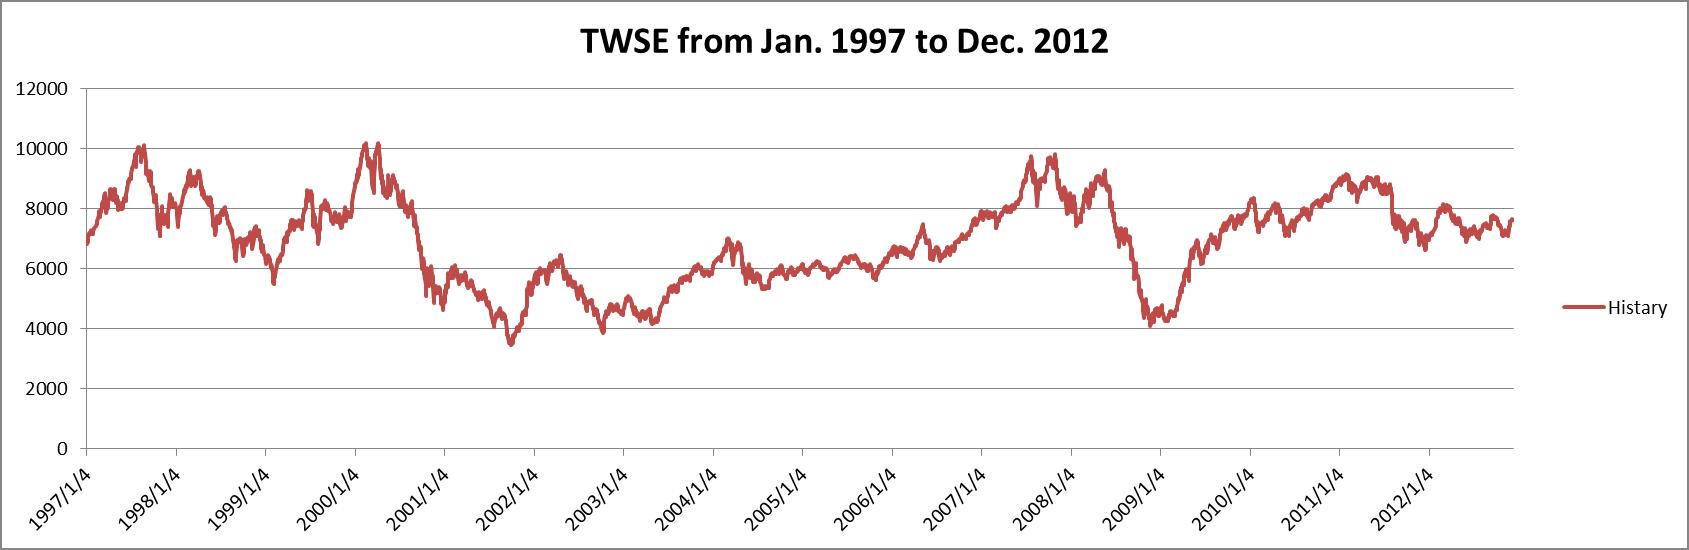 台湾加権指数の推移 from1997